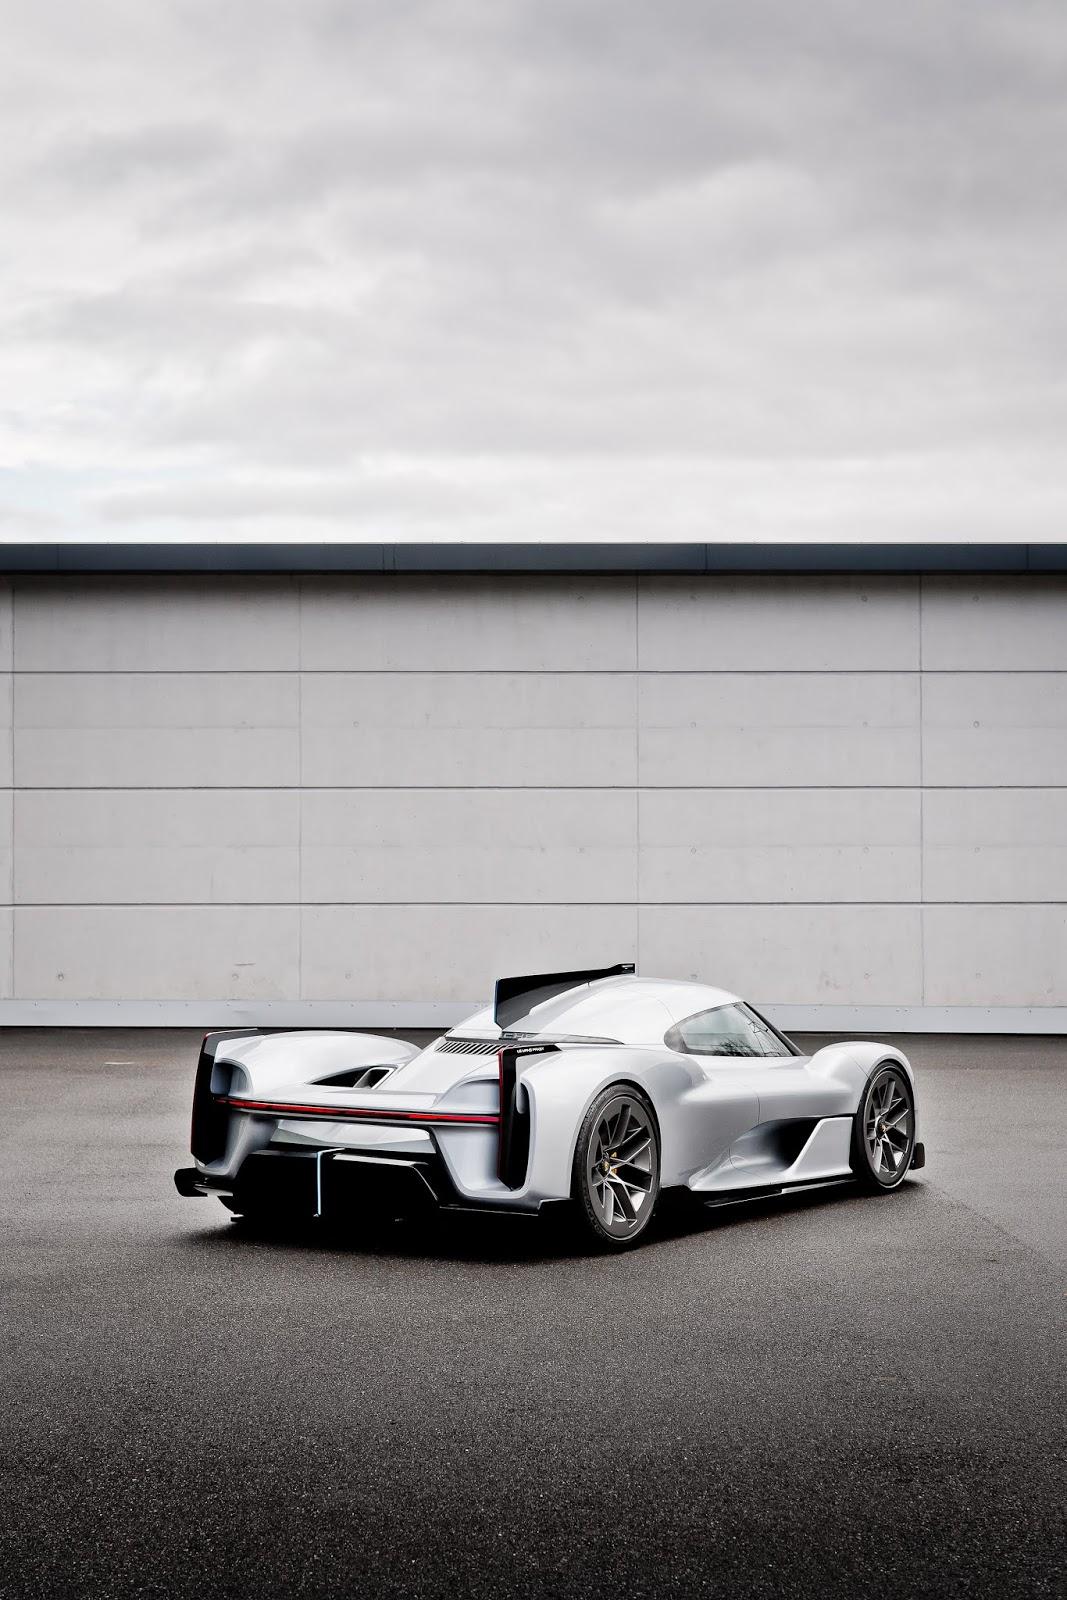 DSC8825 Τα άγνωστα Hypercars της Porsche hypercar, Porsche, Porsche Unseen, Sunday, supercar, supercars, zblog, ειδήσεις